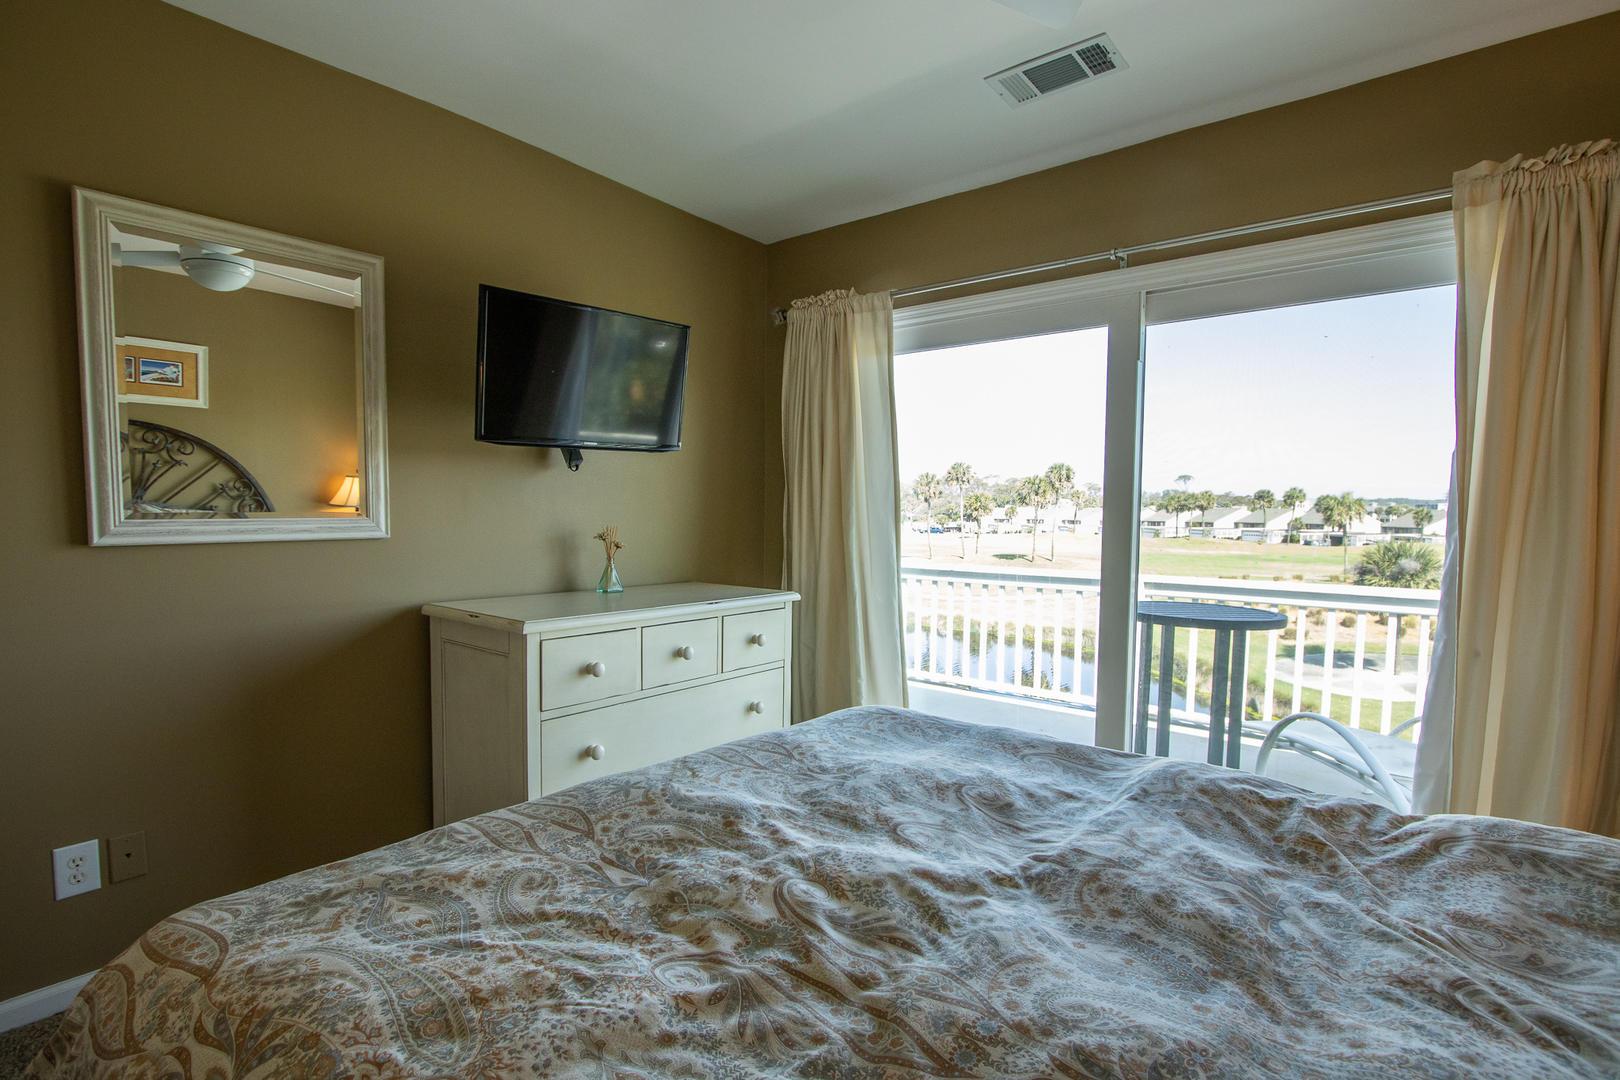 Bedroom 2, TV, access to back balcony